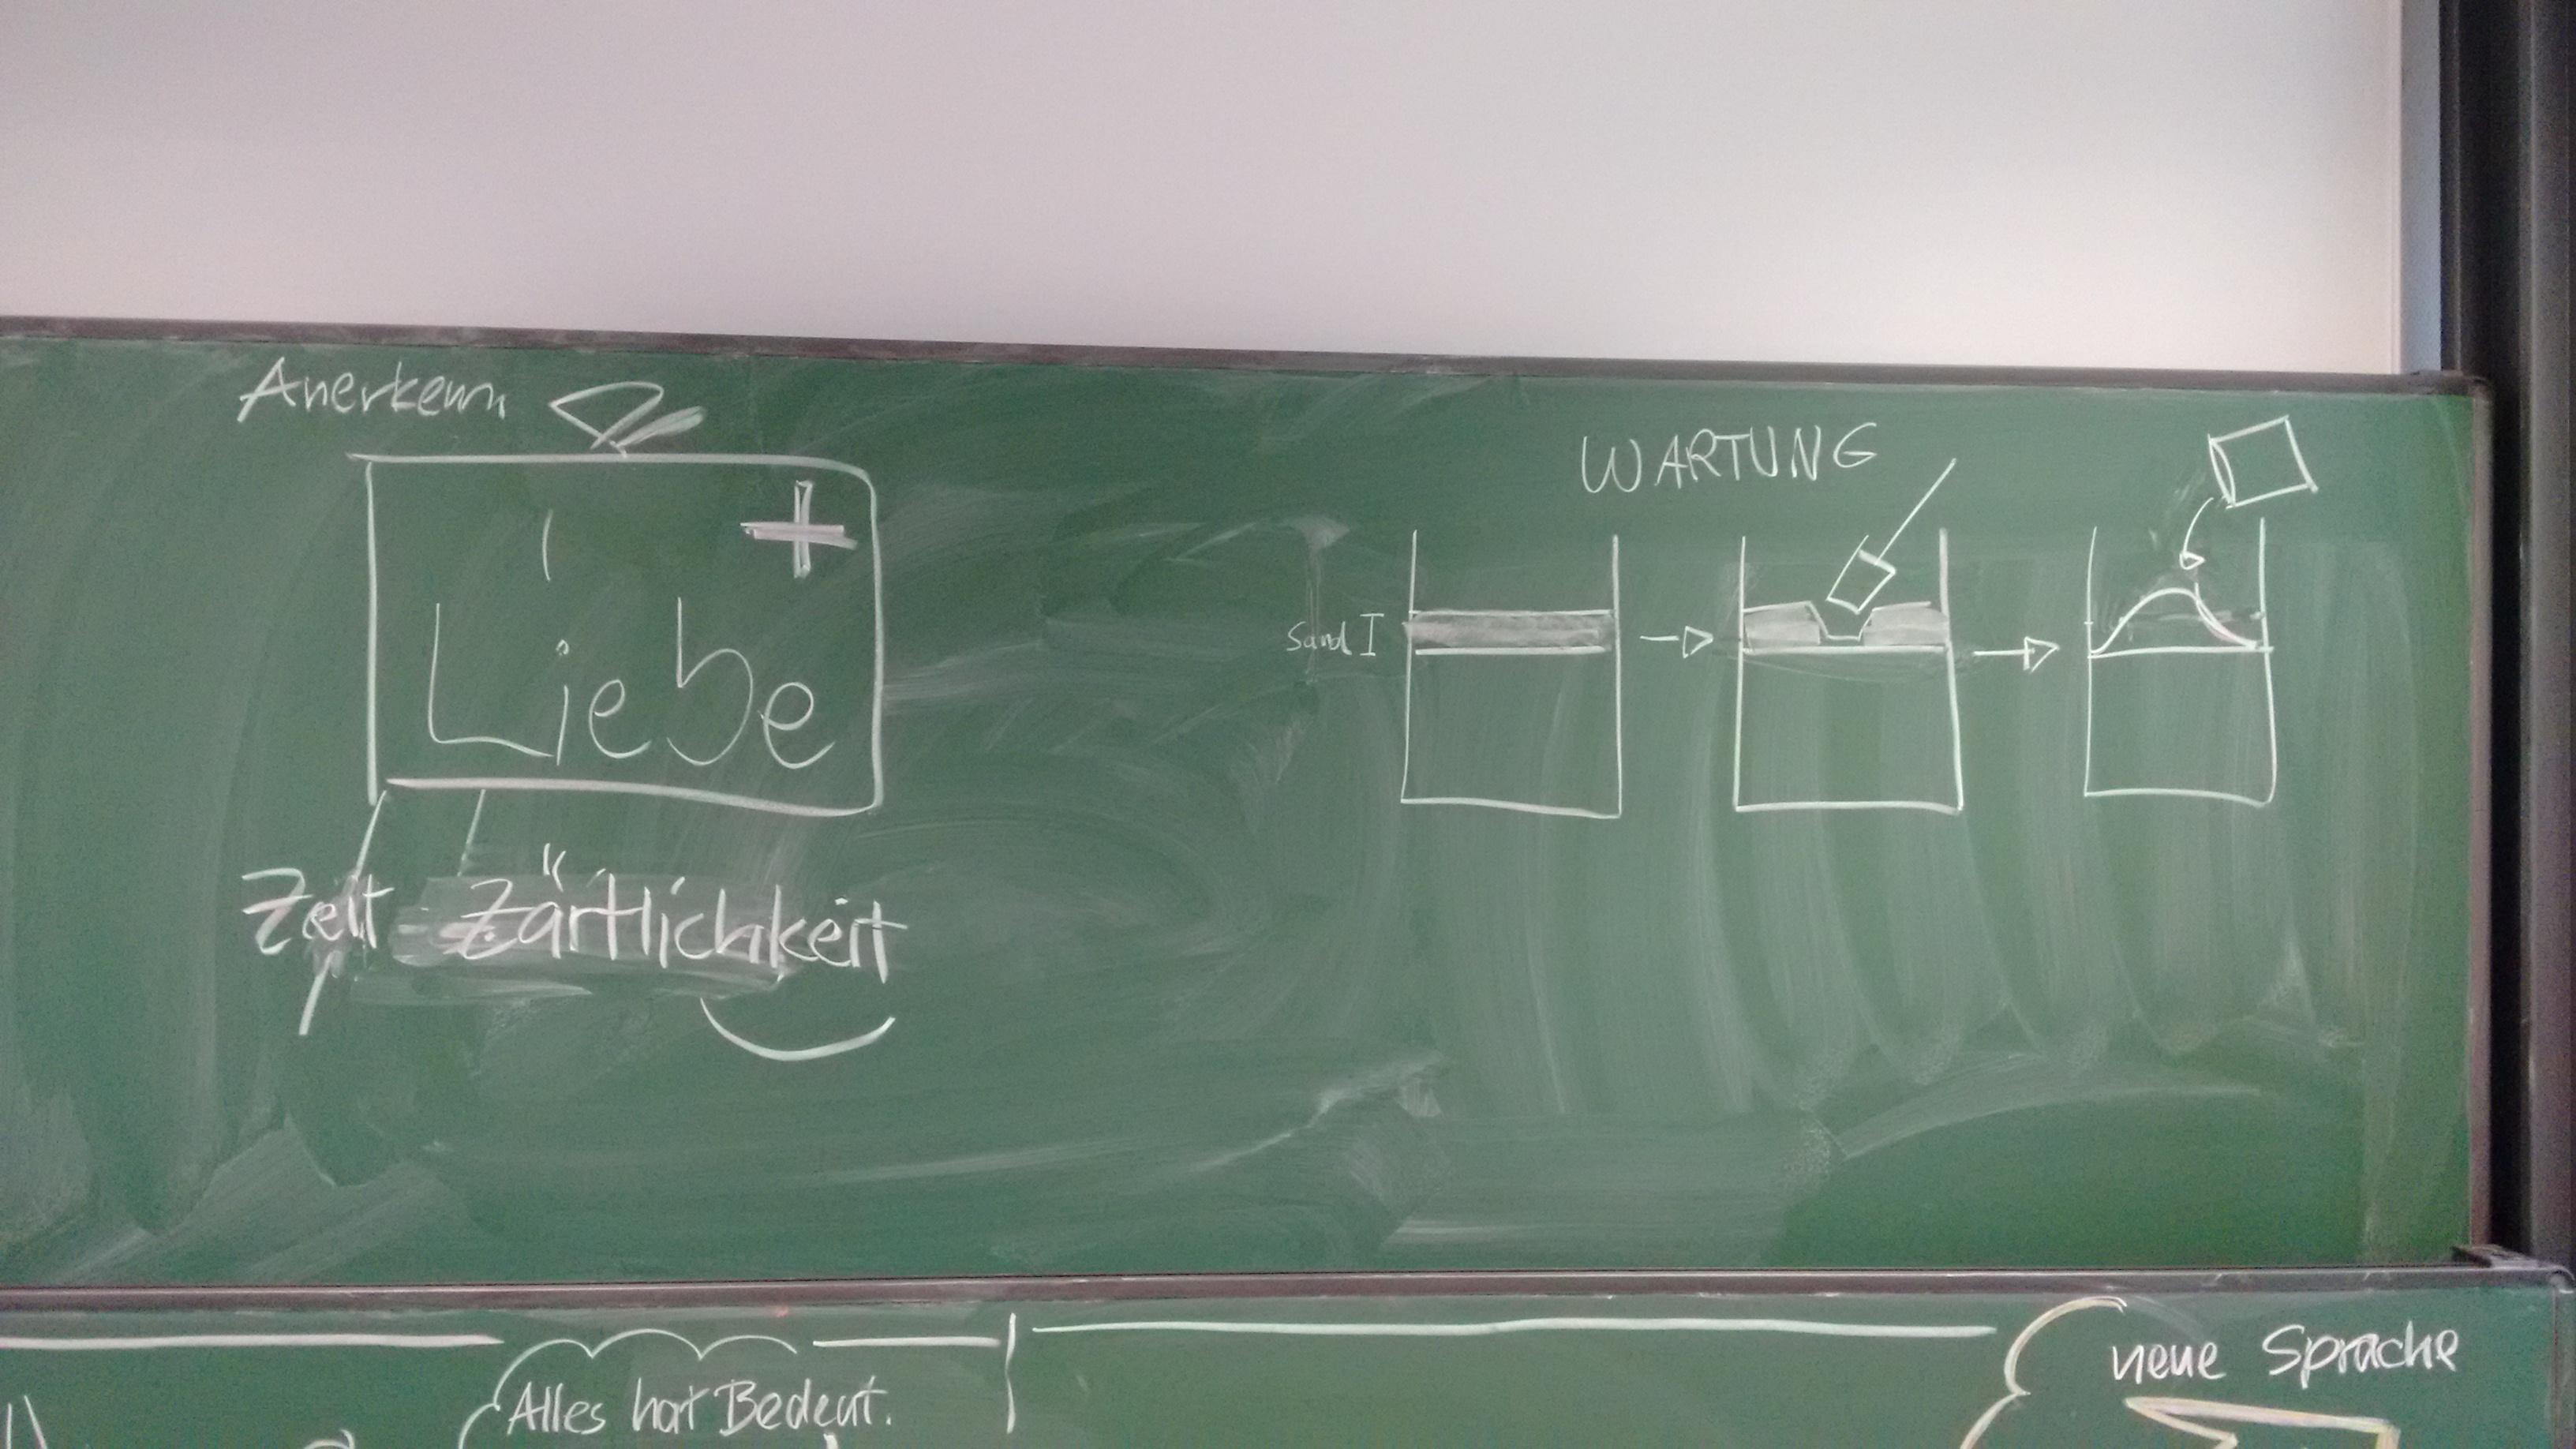 Berühmt Leere Zusammenfassung Zum Ausfüllen Und Drucken Galerie ...